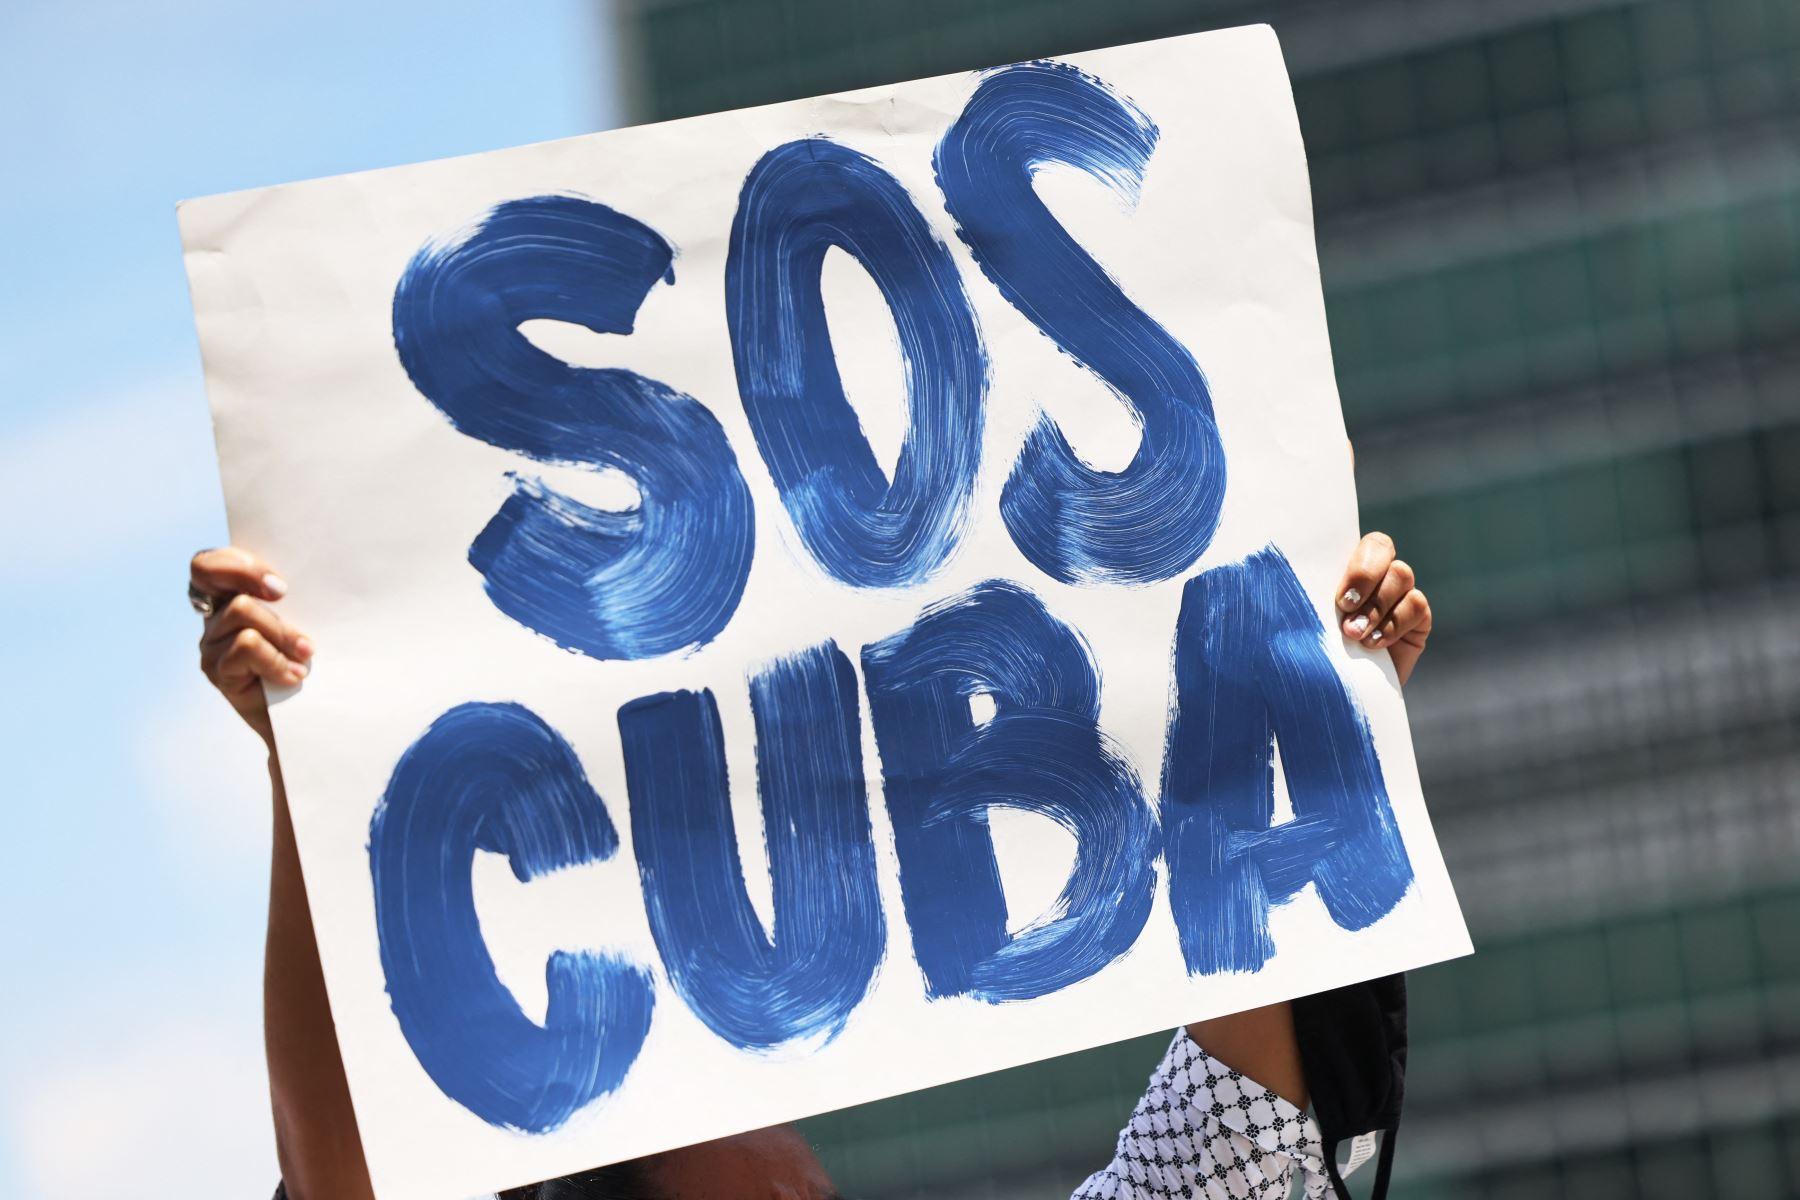 """En Uruguay, el Partido Comunista consideró las movilizaciones como """"nuevos intentos desestabilizadores promovidos por el imperialismo norteamericano"""". Foto: AFP"""